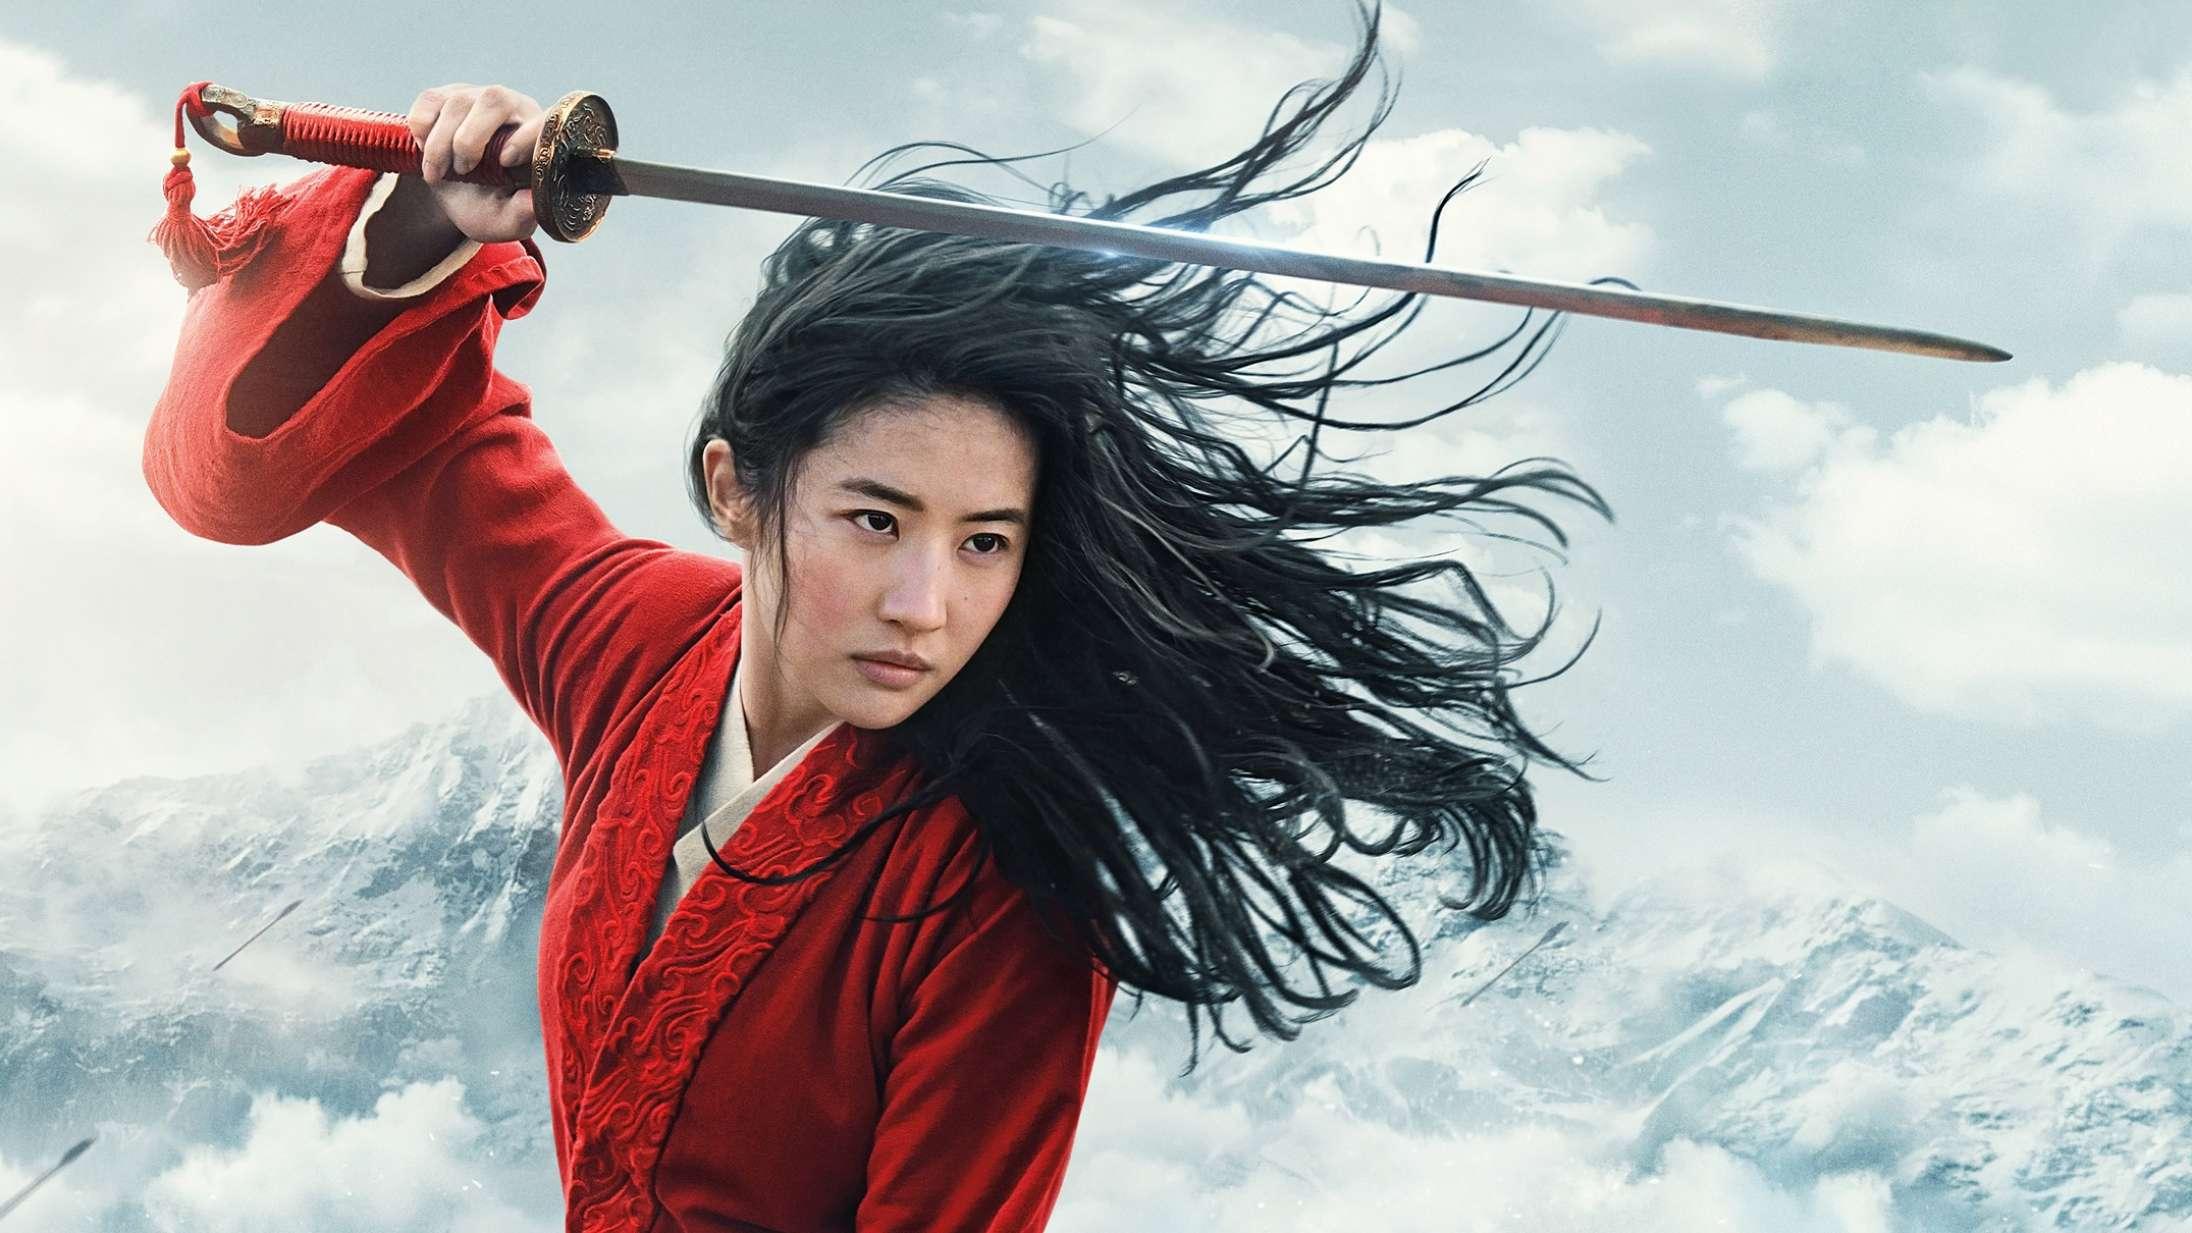 Rasende biografejer smadrer 'Mulan'-figur i viral video